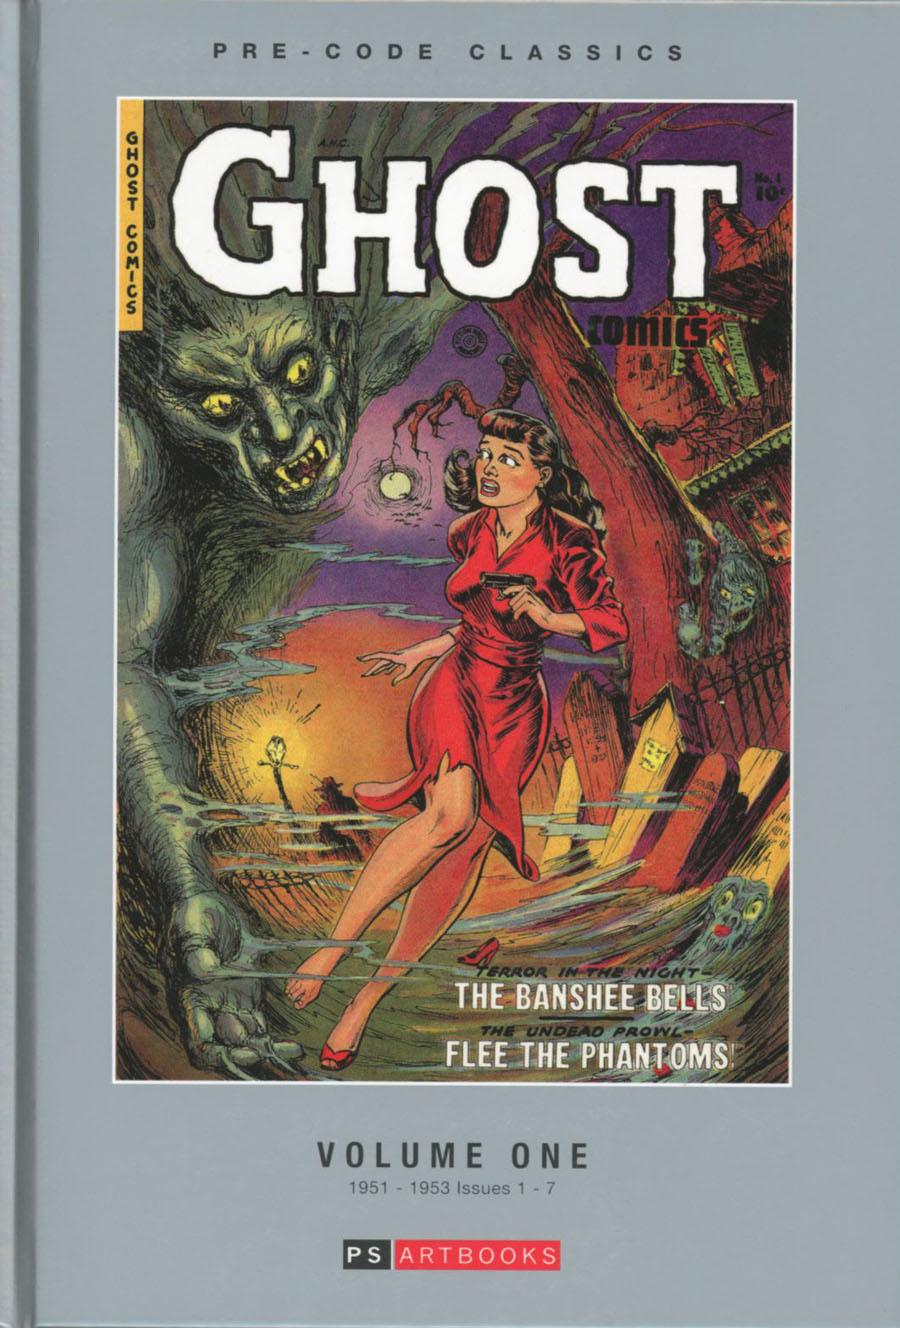 Pre-Code Classics Ghost Comics Vol 1 HC